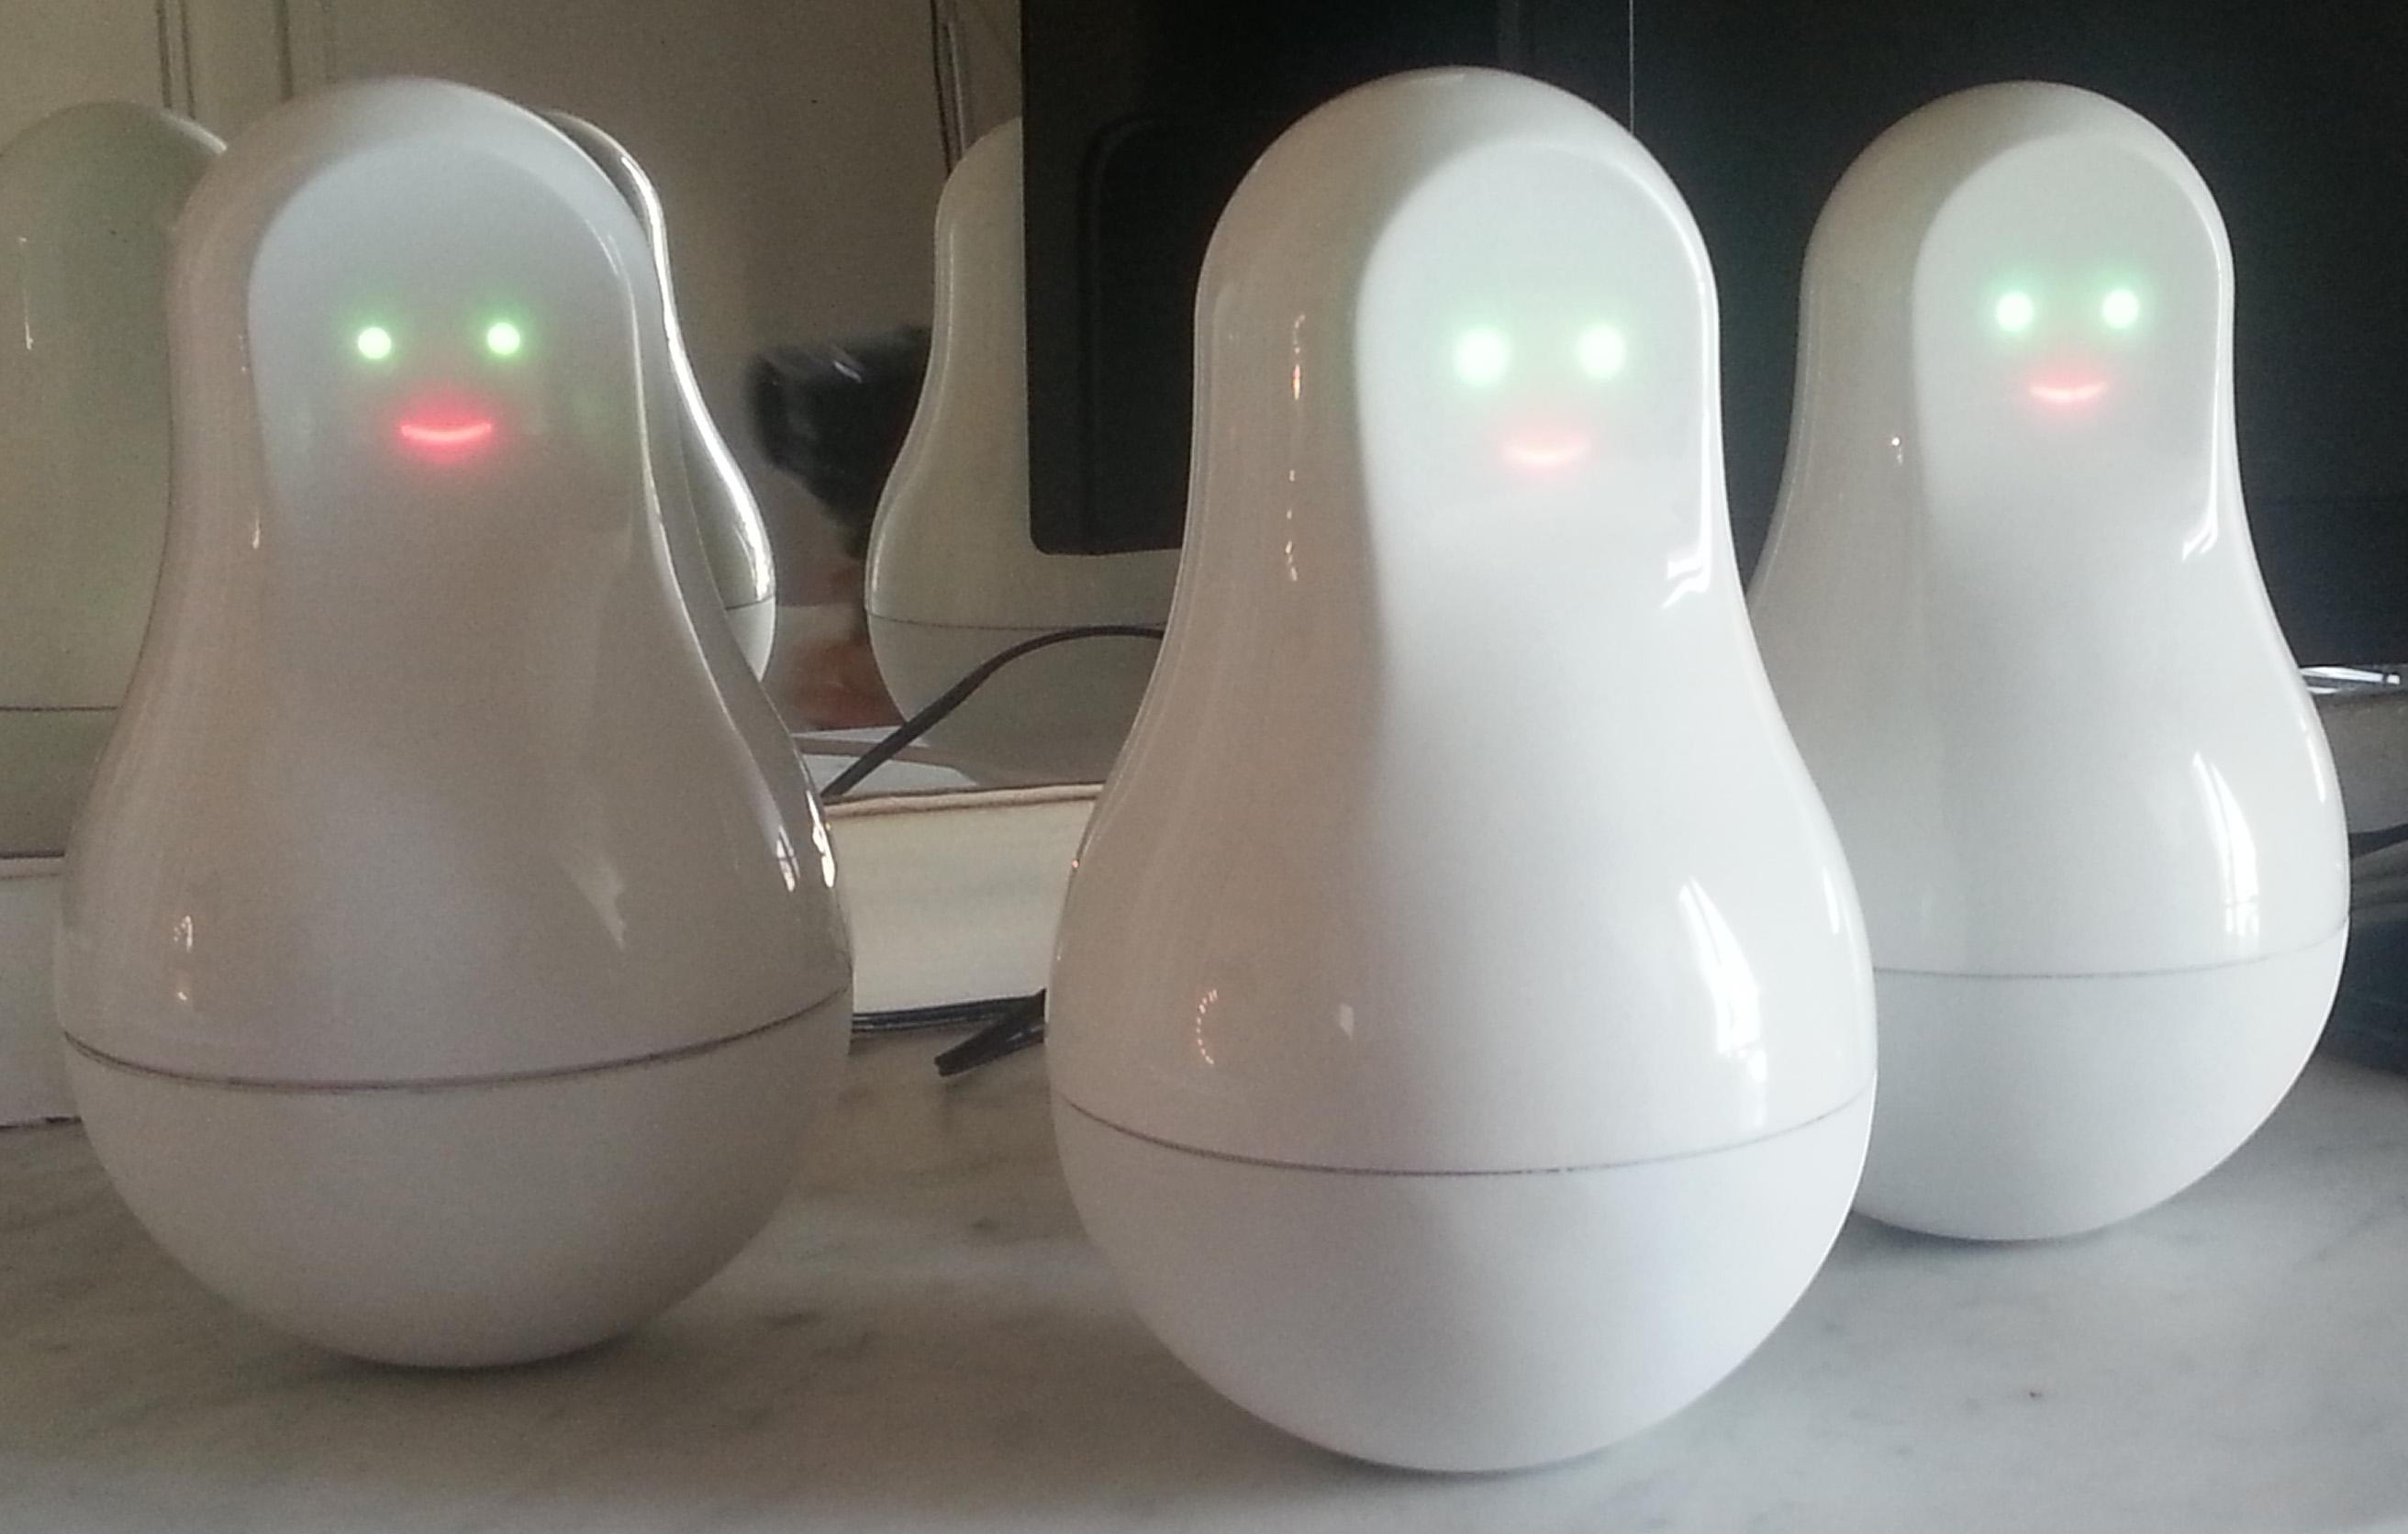 Мать (Mother): технология, которая будет присматривать за всем в доме, умный дом